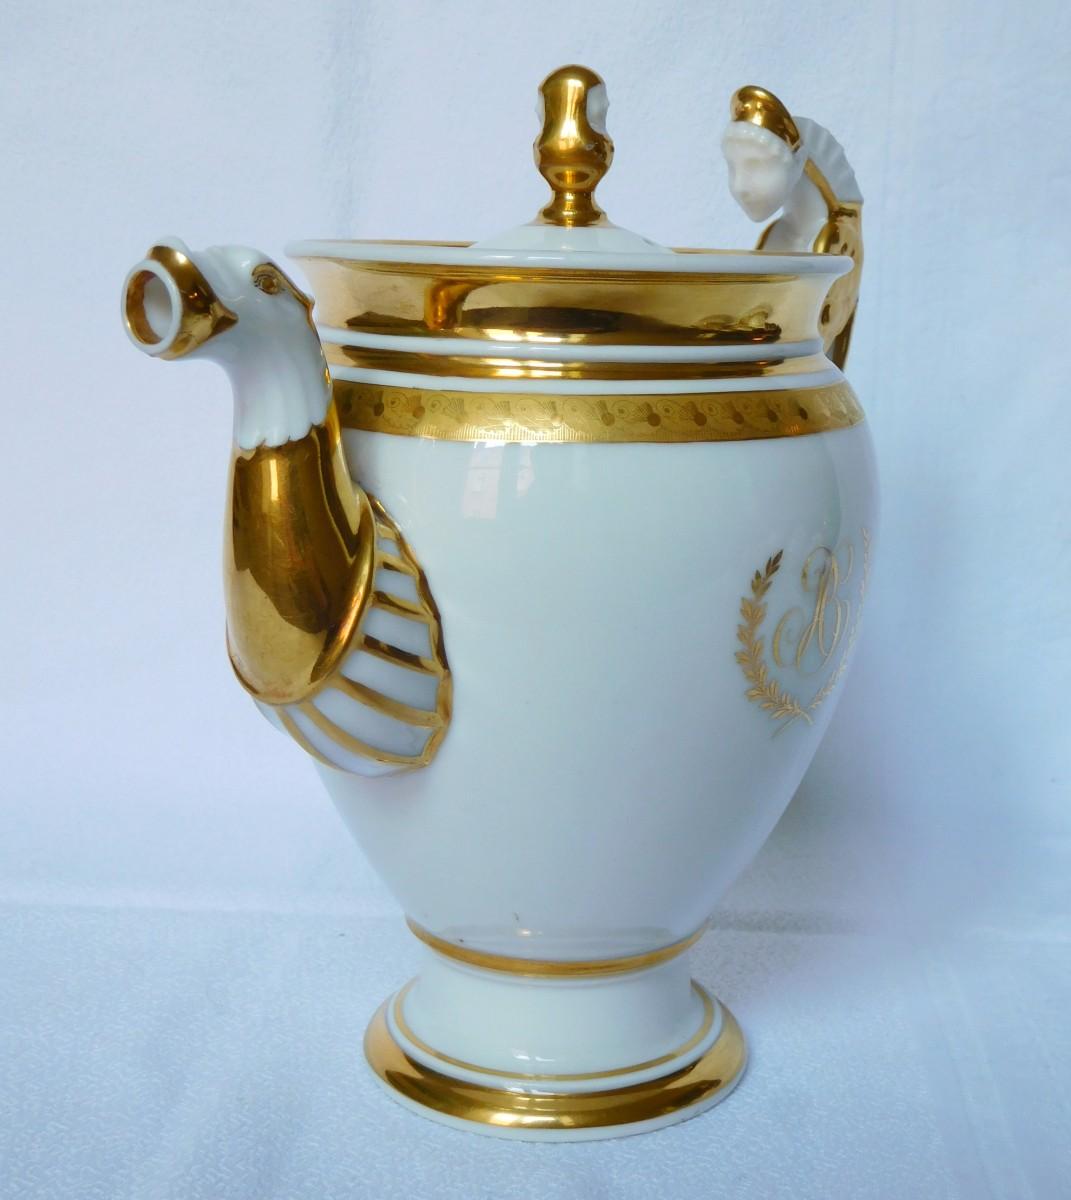 Paris Porcelain Art Nouveau Period Lamp Chinese Taste: Empire Porcelain Coffee Set